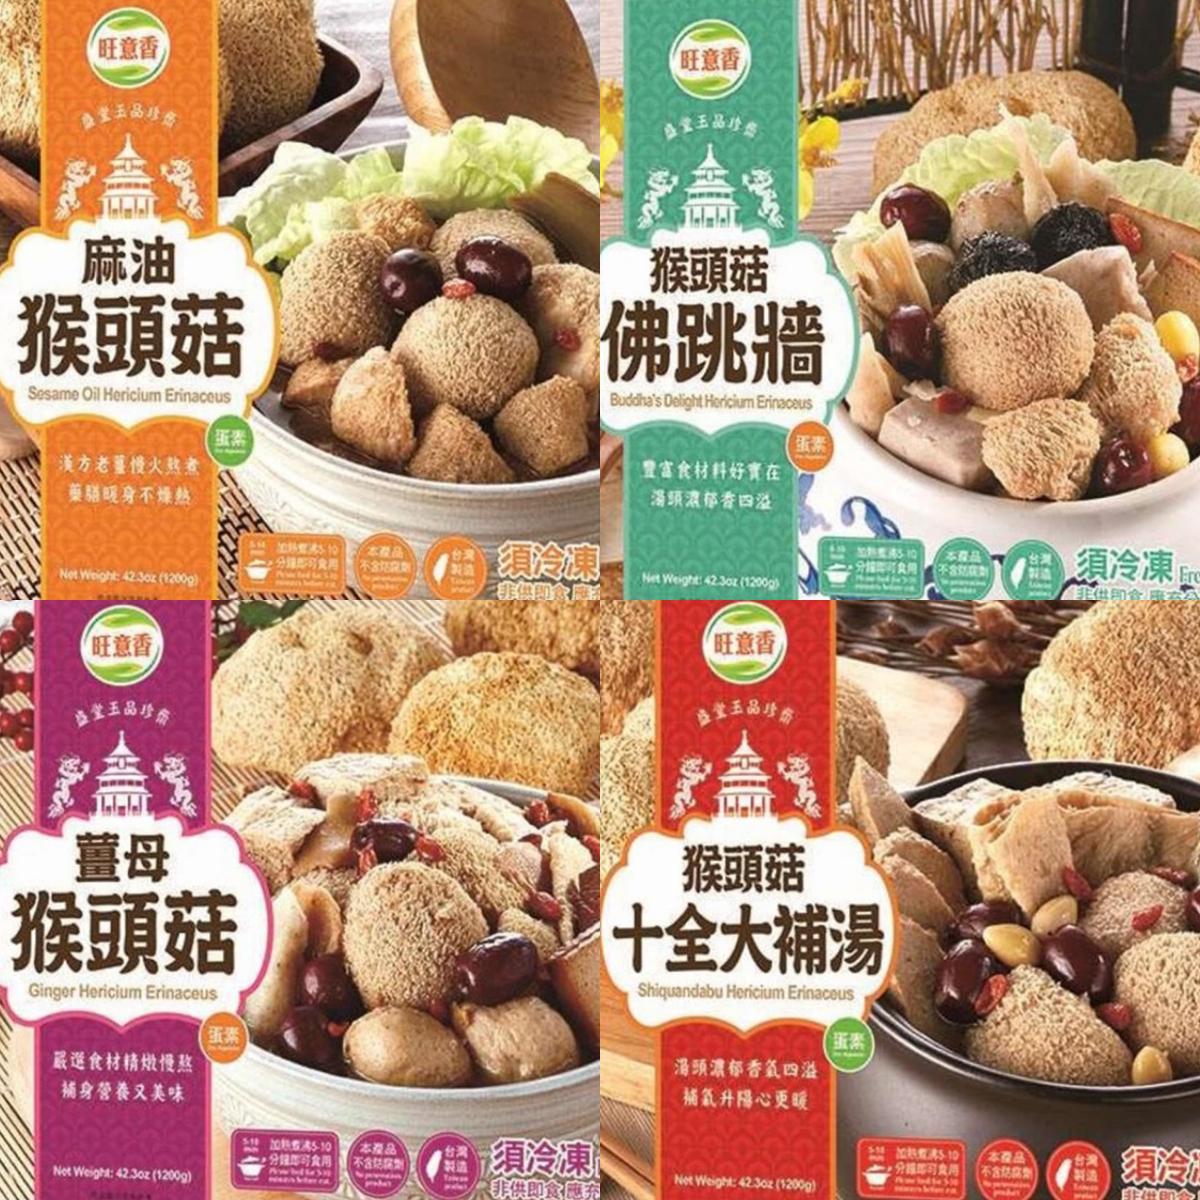 [如意生技] 養生素食猴頭菇湯品 蛋素 (1200g/盒) 任選12包  出貨前致電任選數12